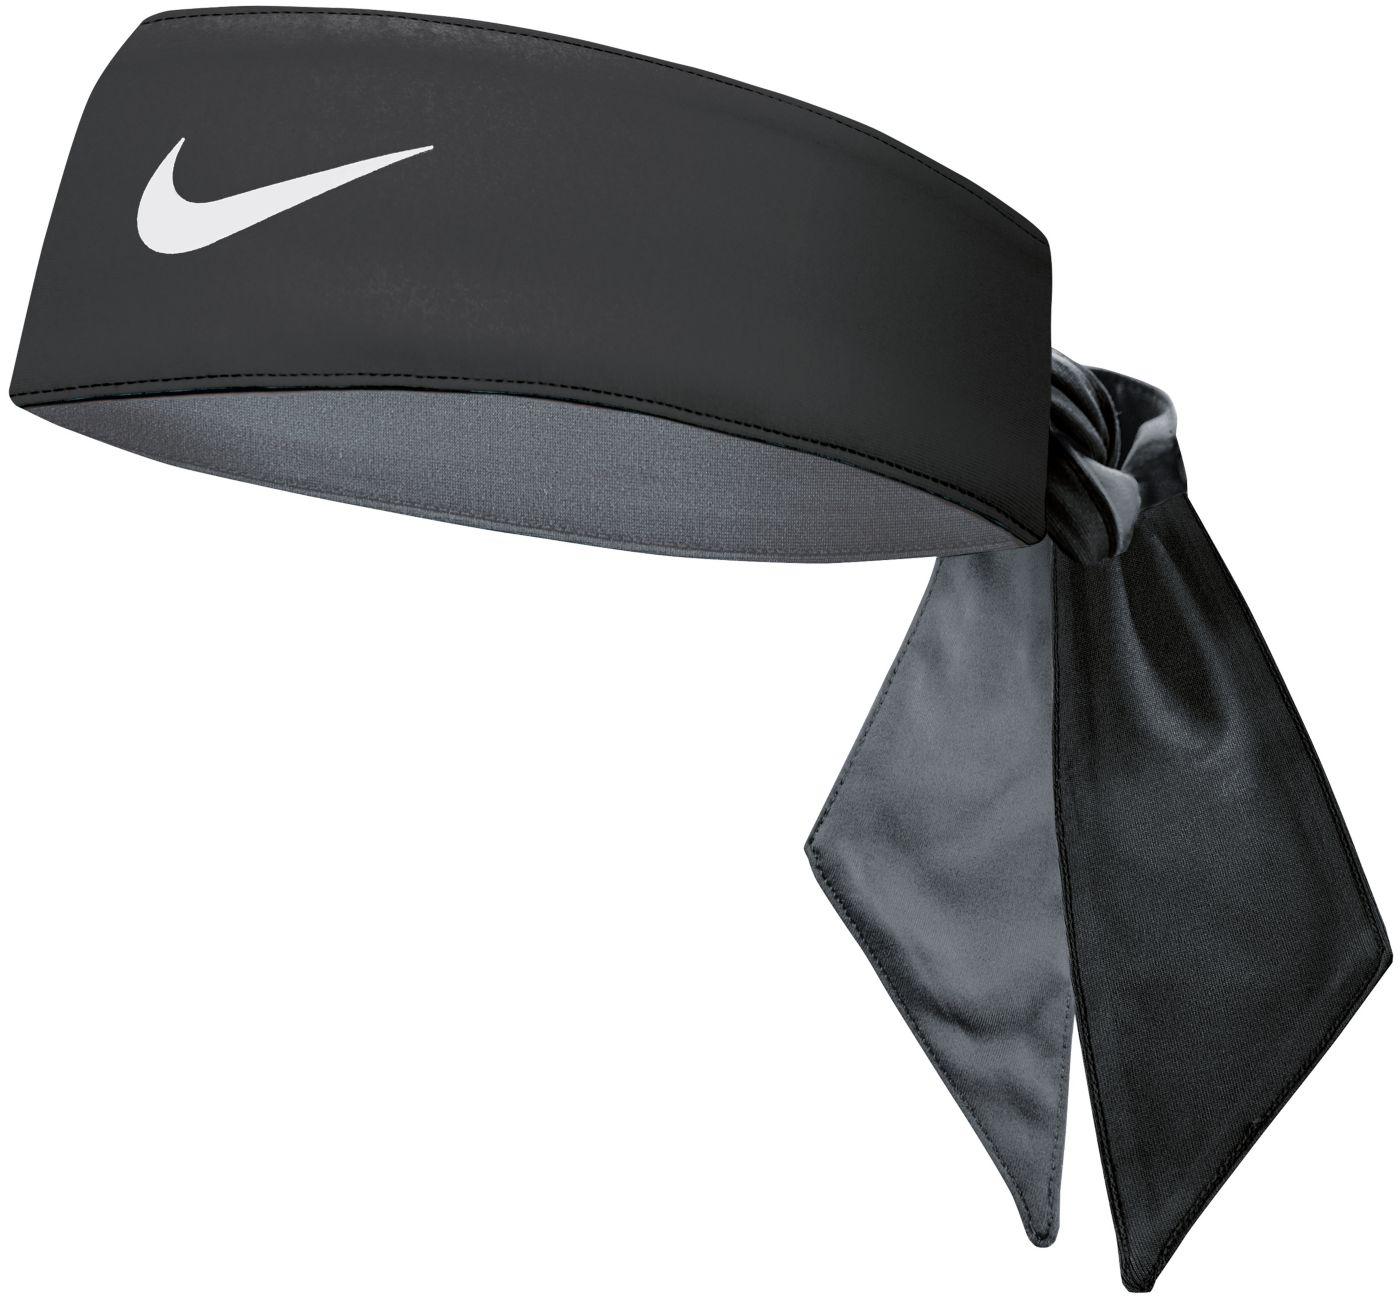 Nike Cooling Head Tie